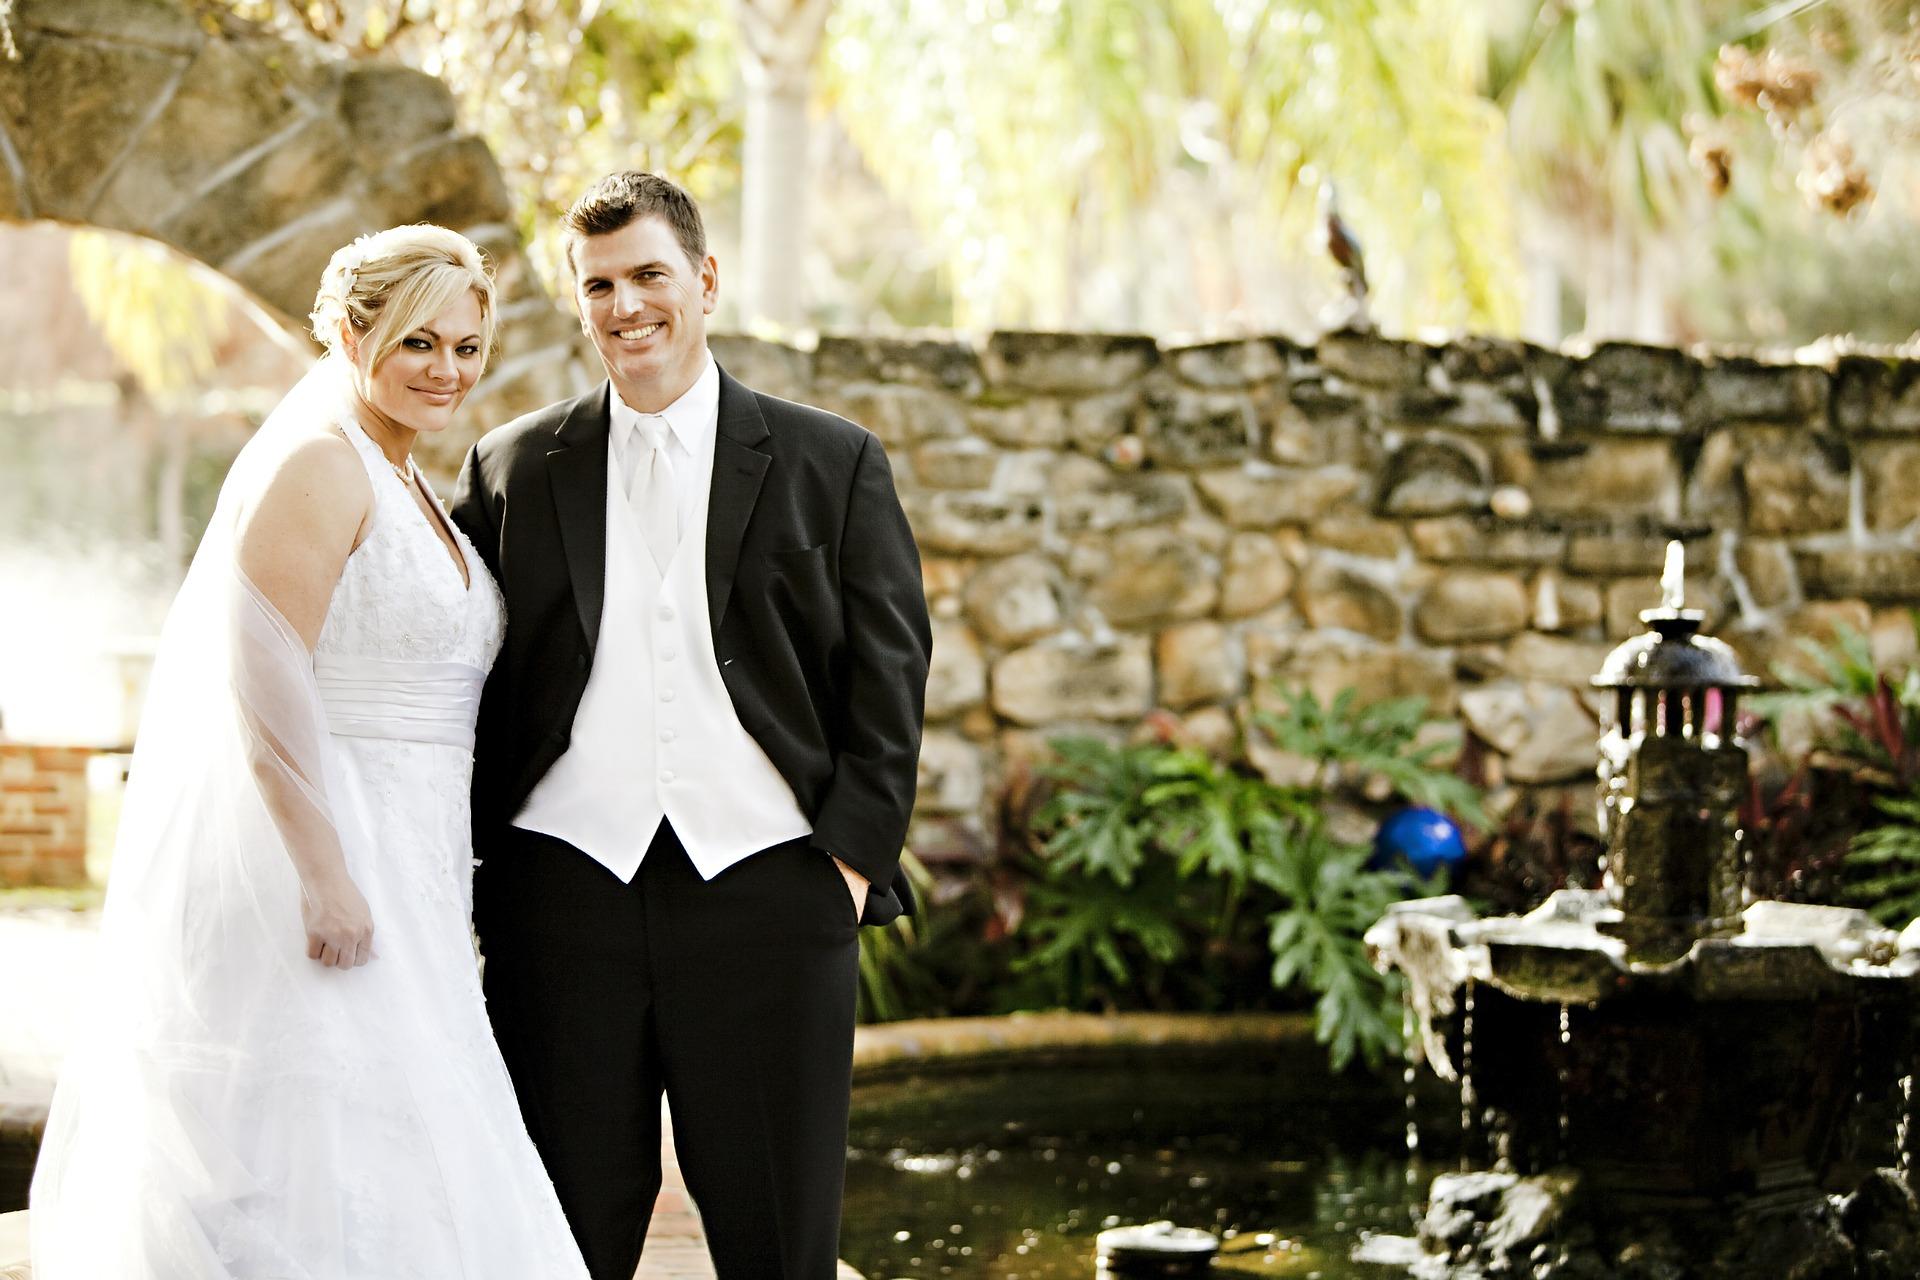 wedding-photography-tips-2